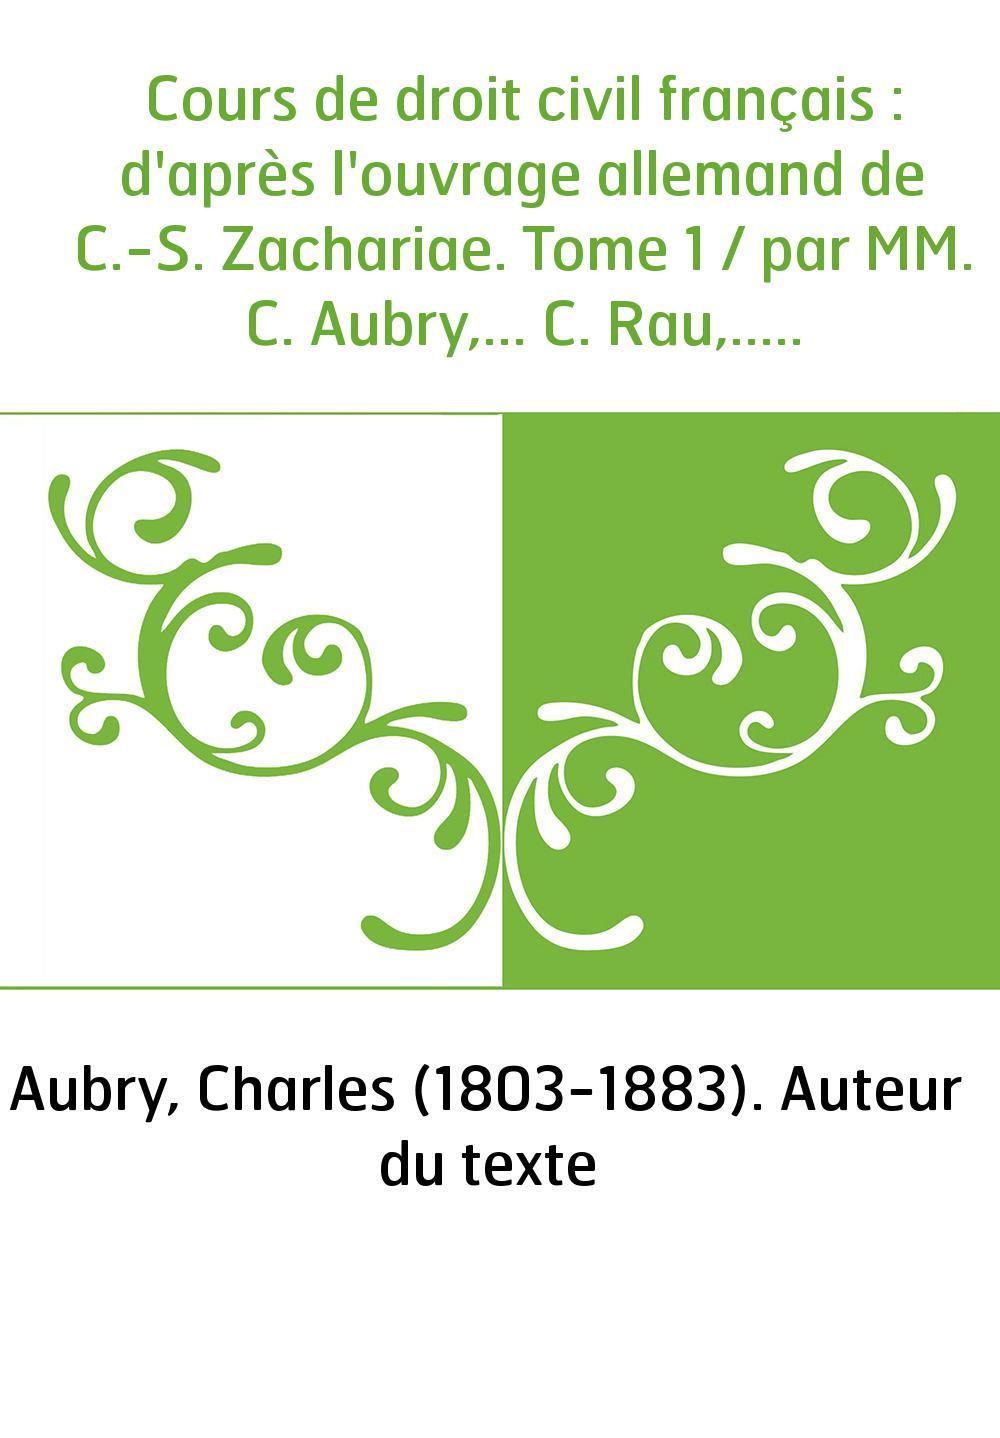 Cours de droit civil français : d'après l'ouvrage allemand de C.-S. Zachariae. Tome 1 / par MM. C. Aubry,... C. Rau,...